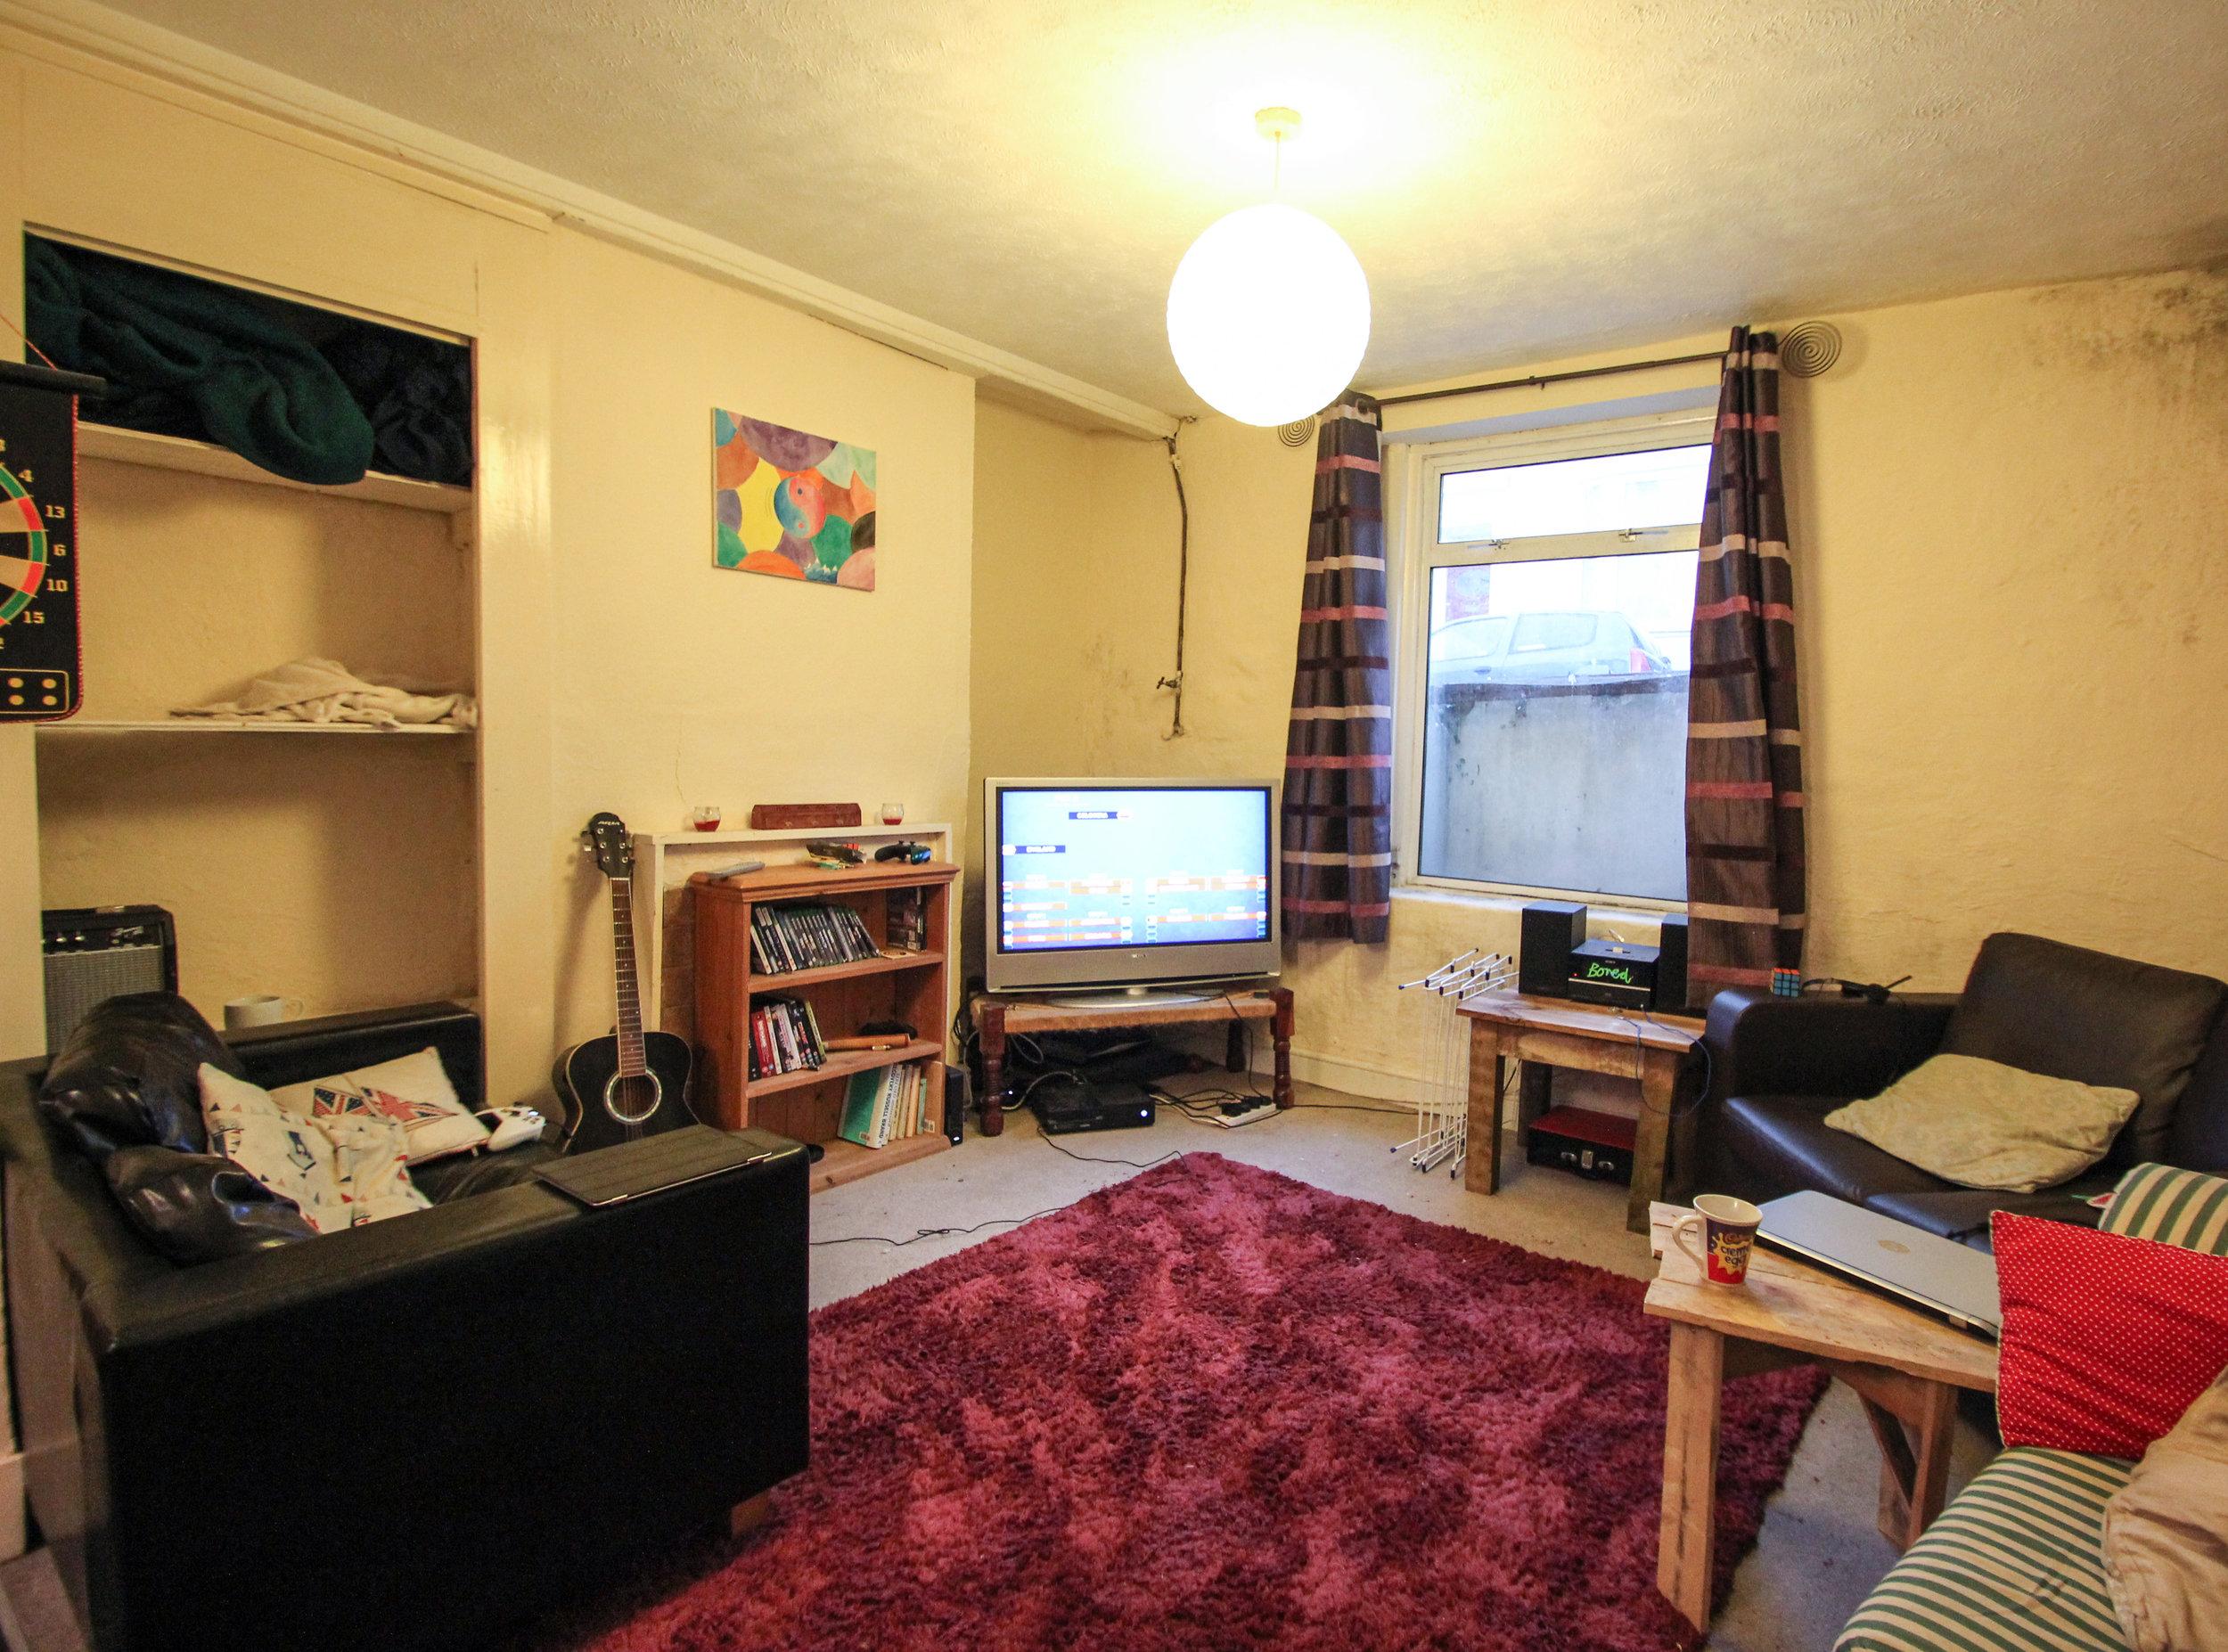 IMG_9072_edited.jpg LIVING ROOM .jpg